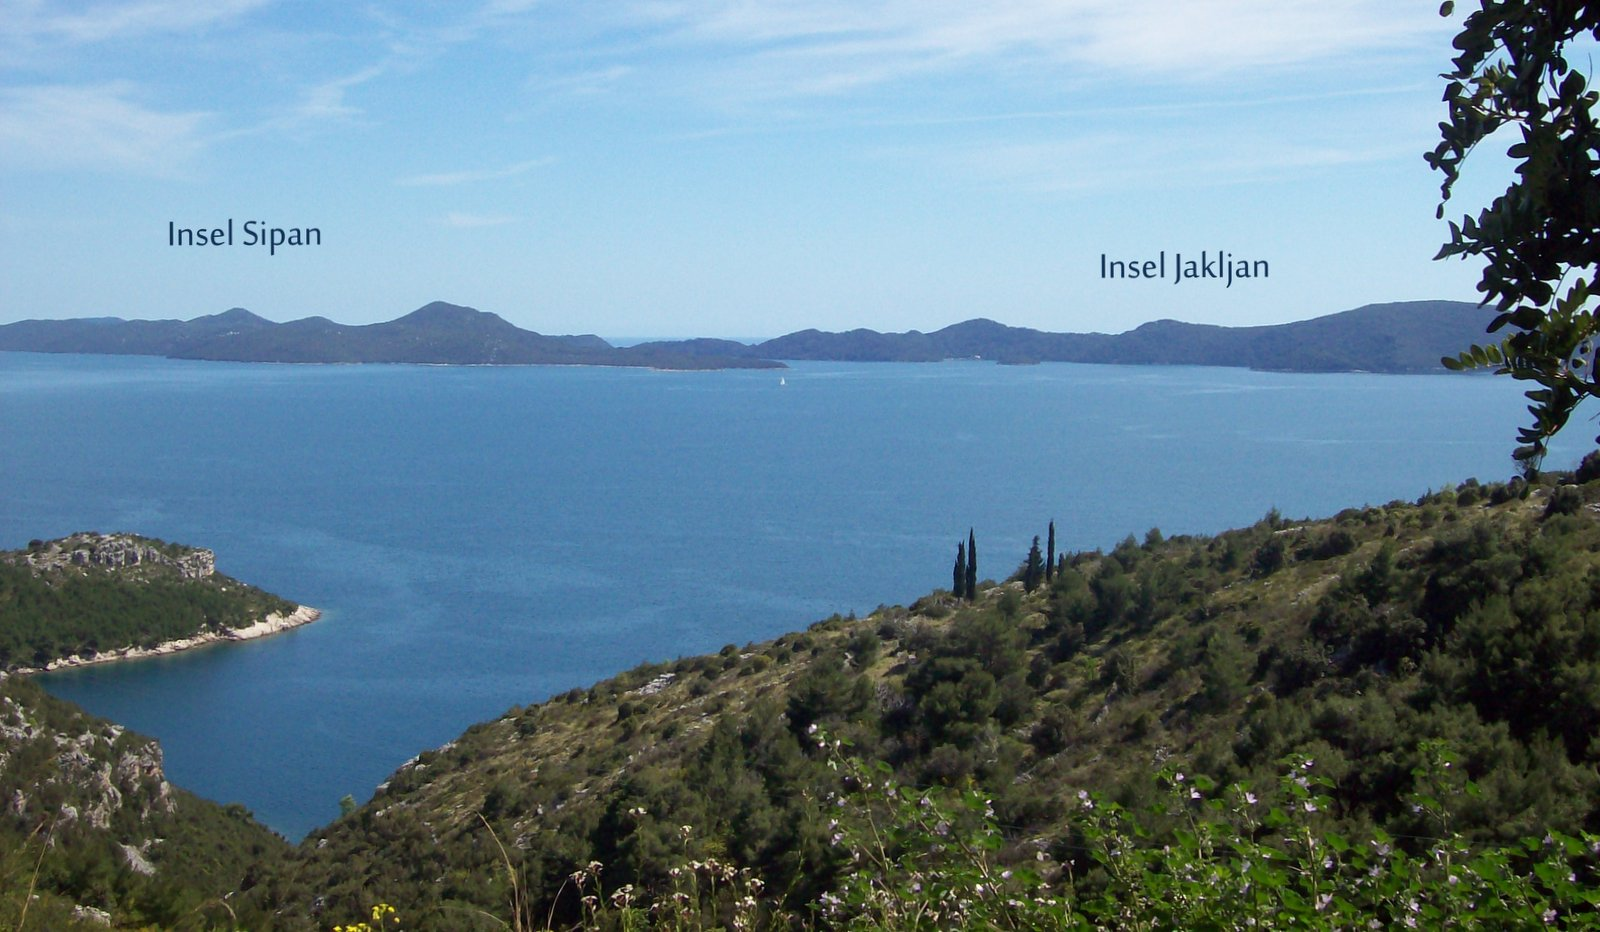 Inseln Sipan und Jakljan in Dalmatien